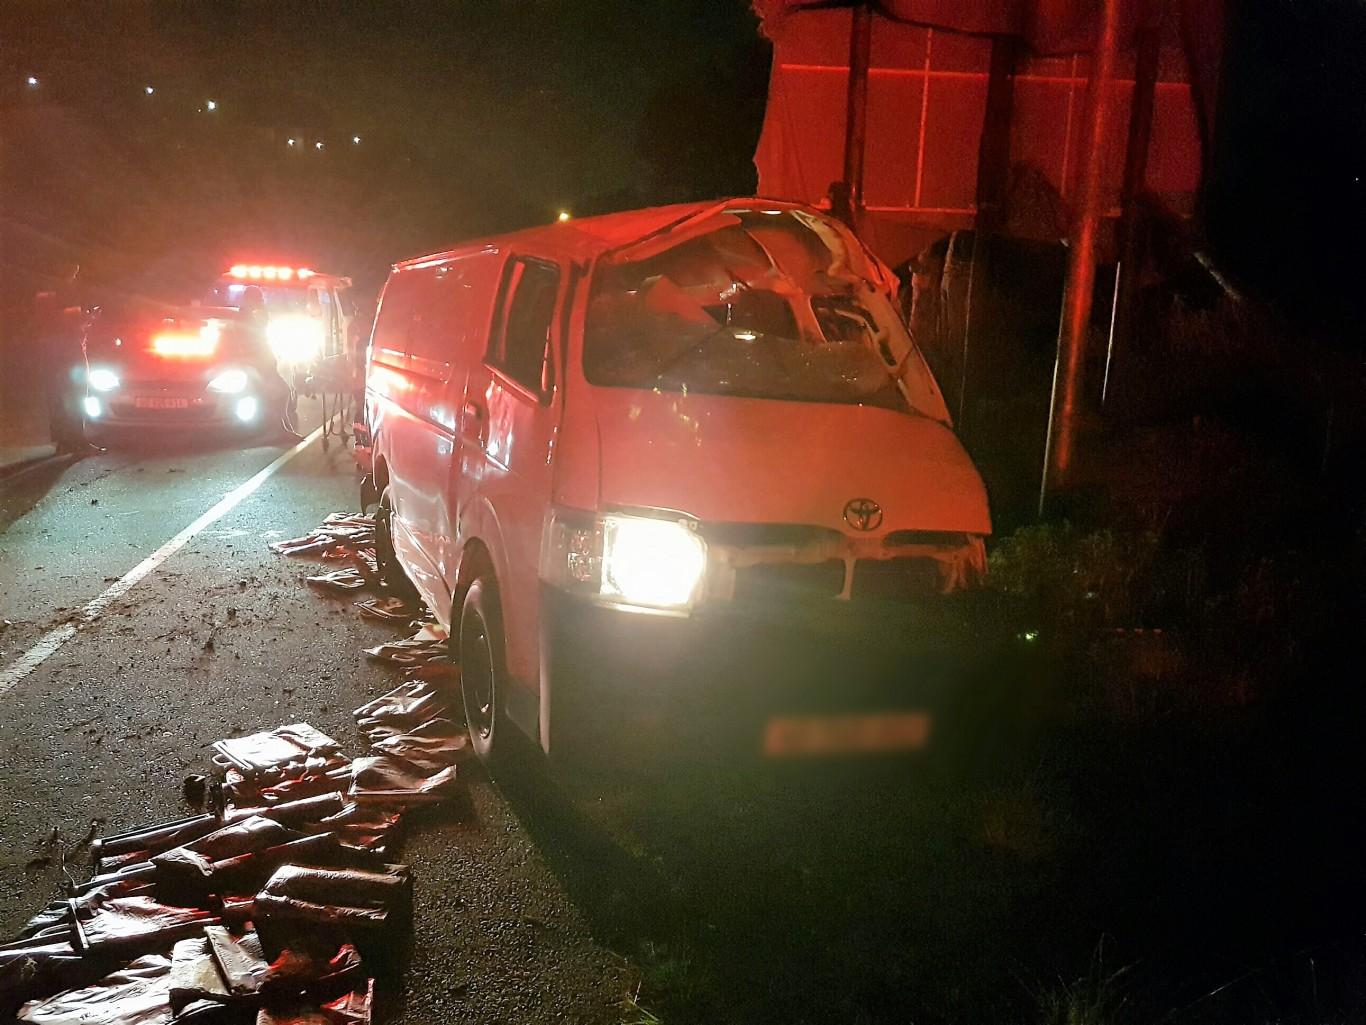 3 Injured in Pinetown crash